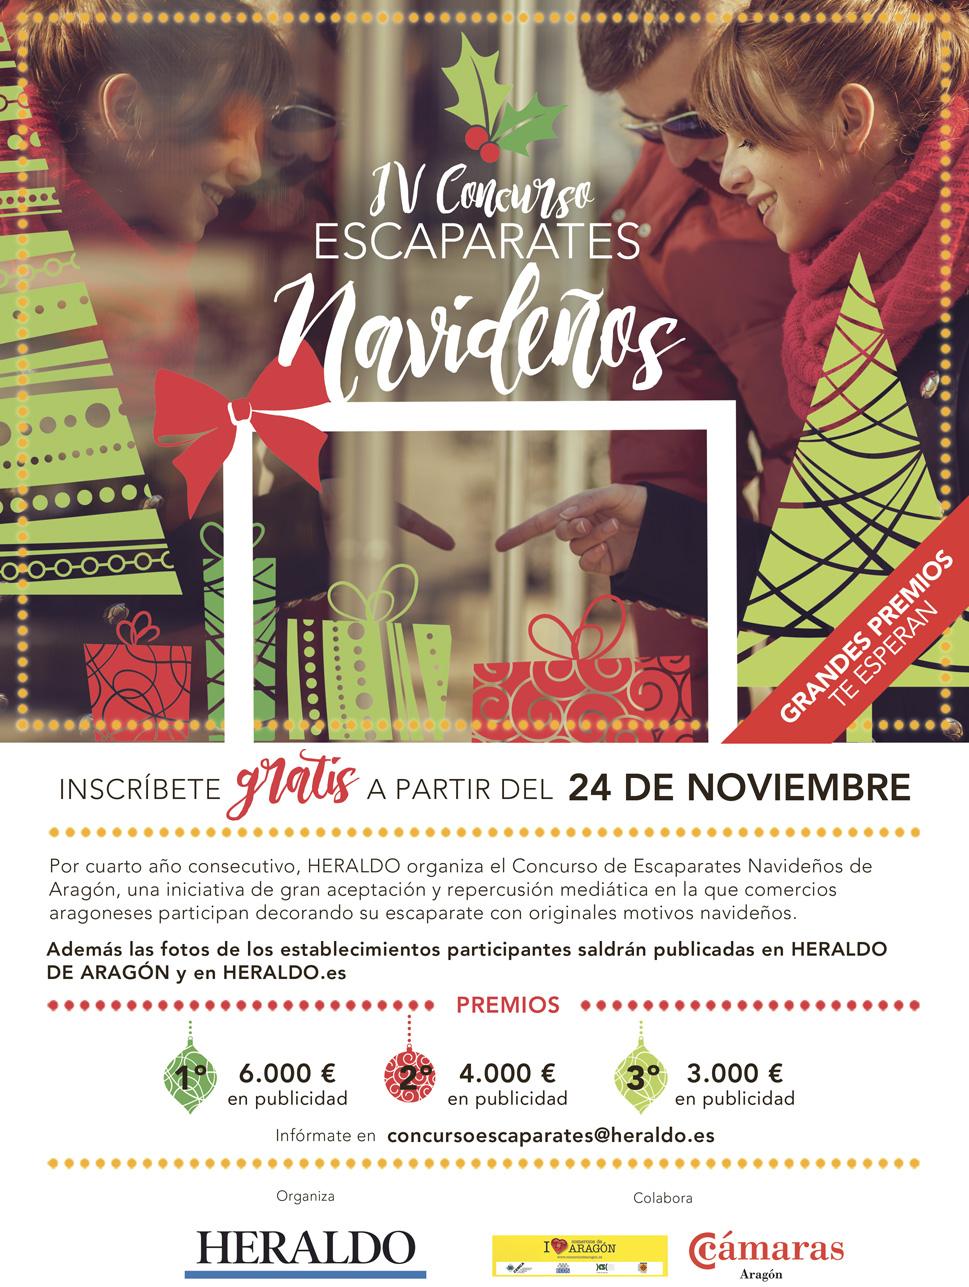 entera_concurso_escaparates_2016_2